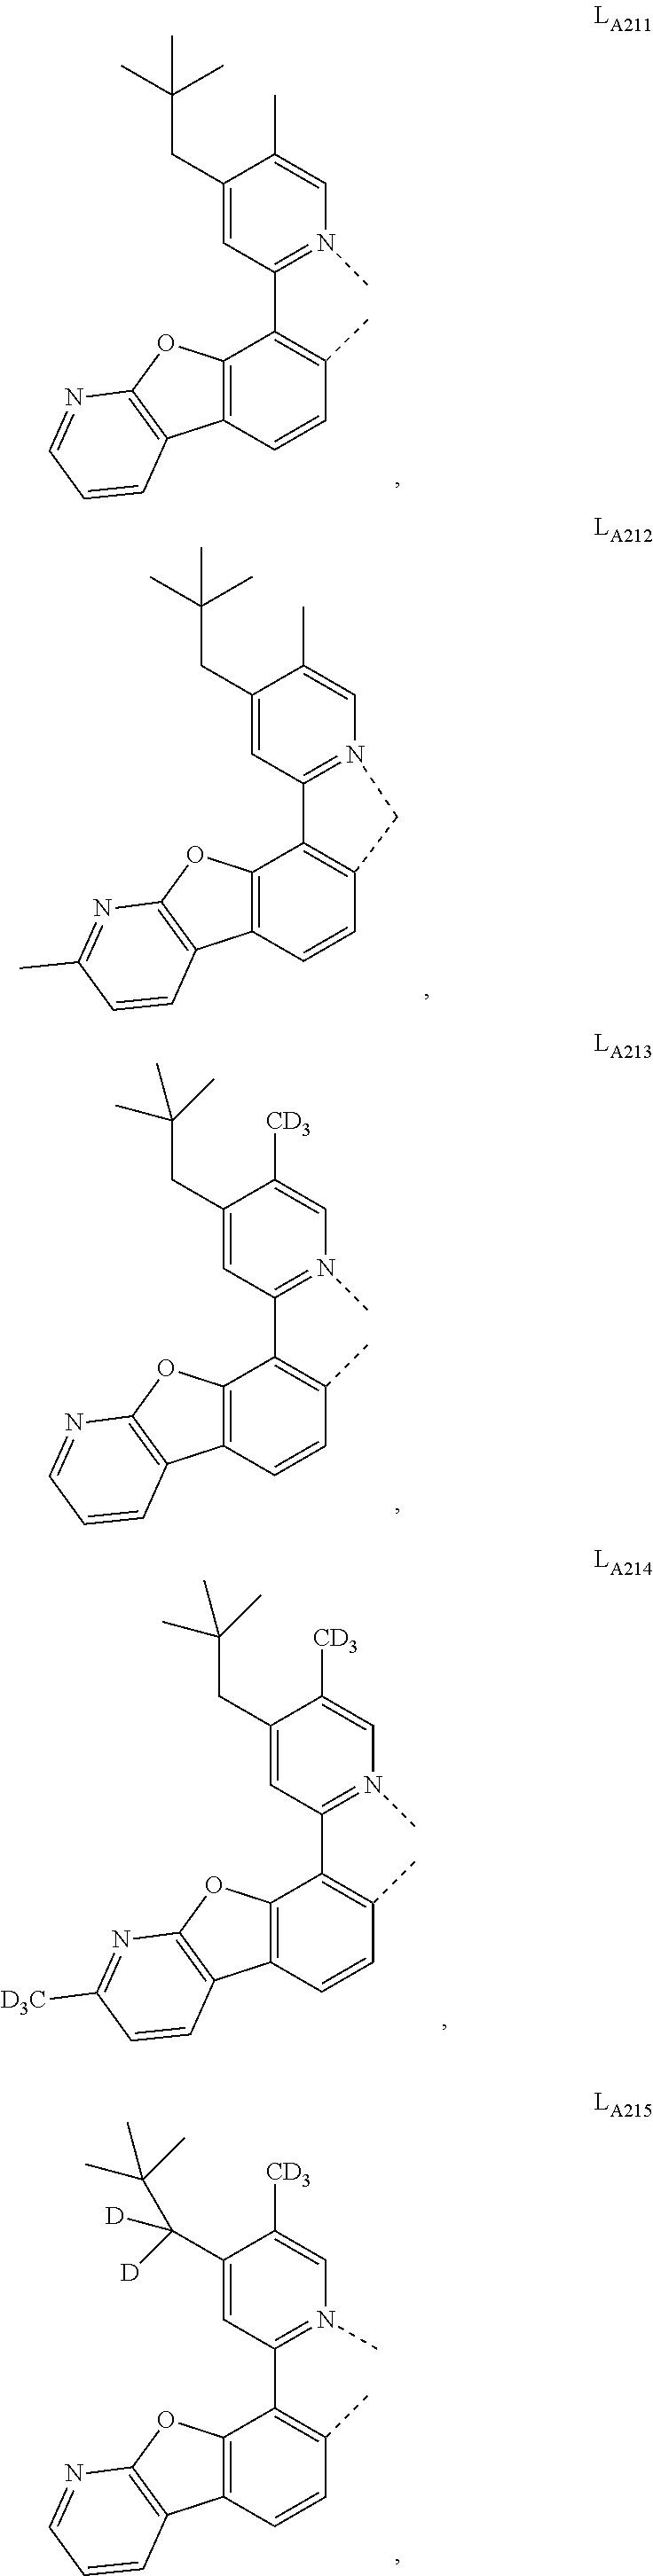 Figure US20160049599A1-20160218-C00444